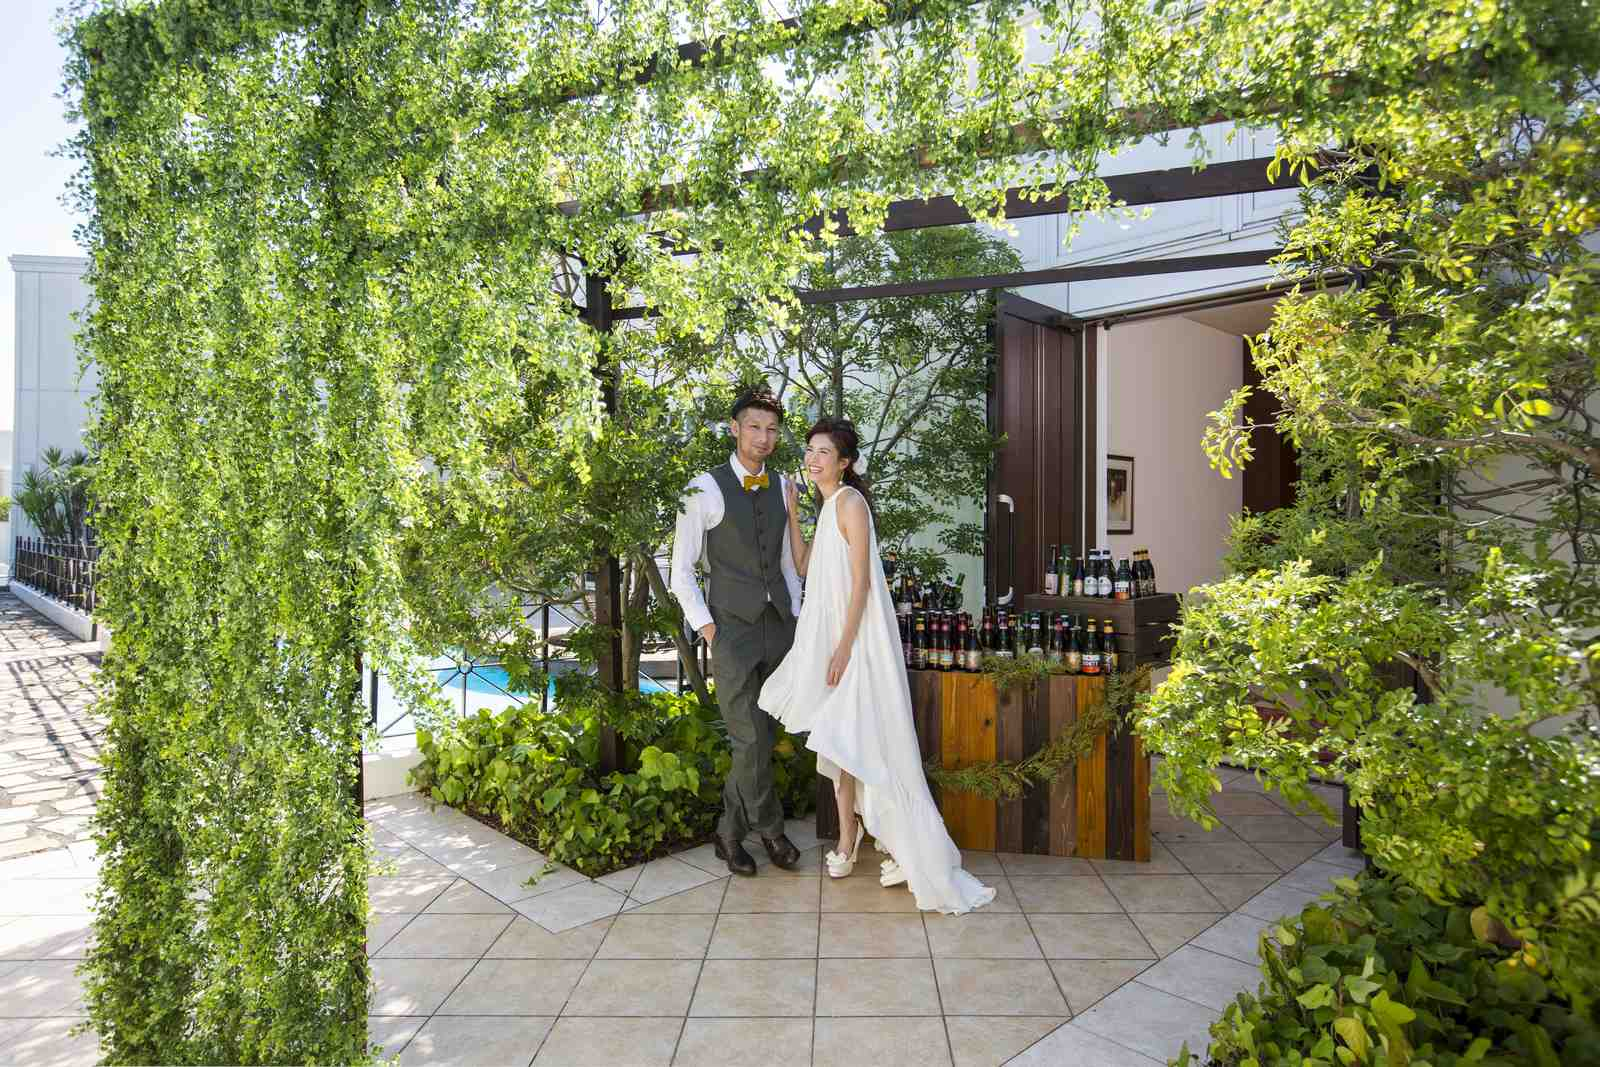 徳島県の結婚式場ブランアンジュの前写しショット